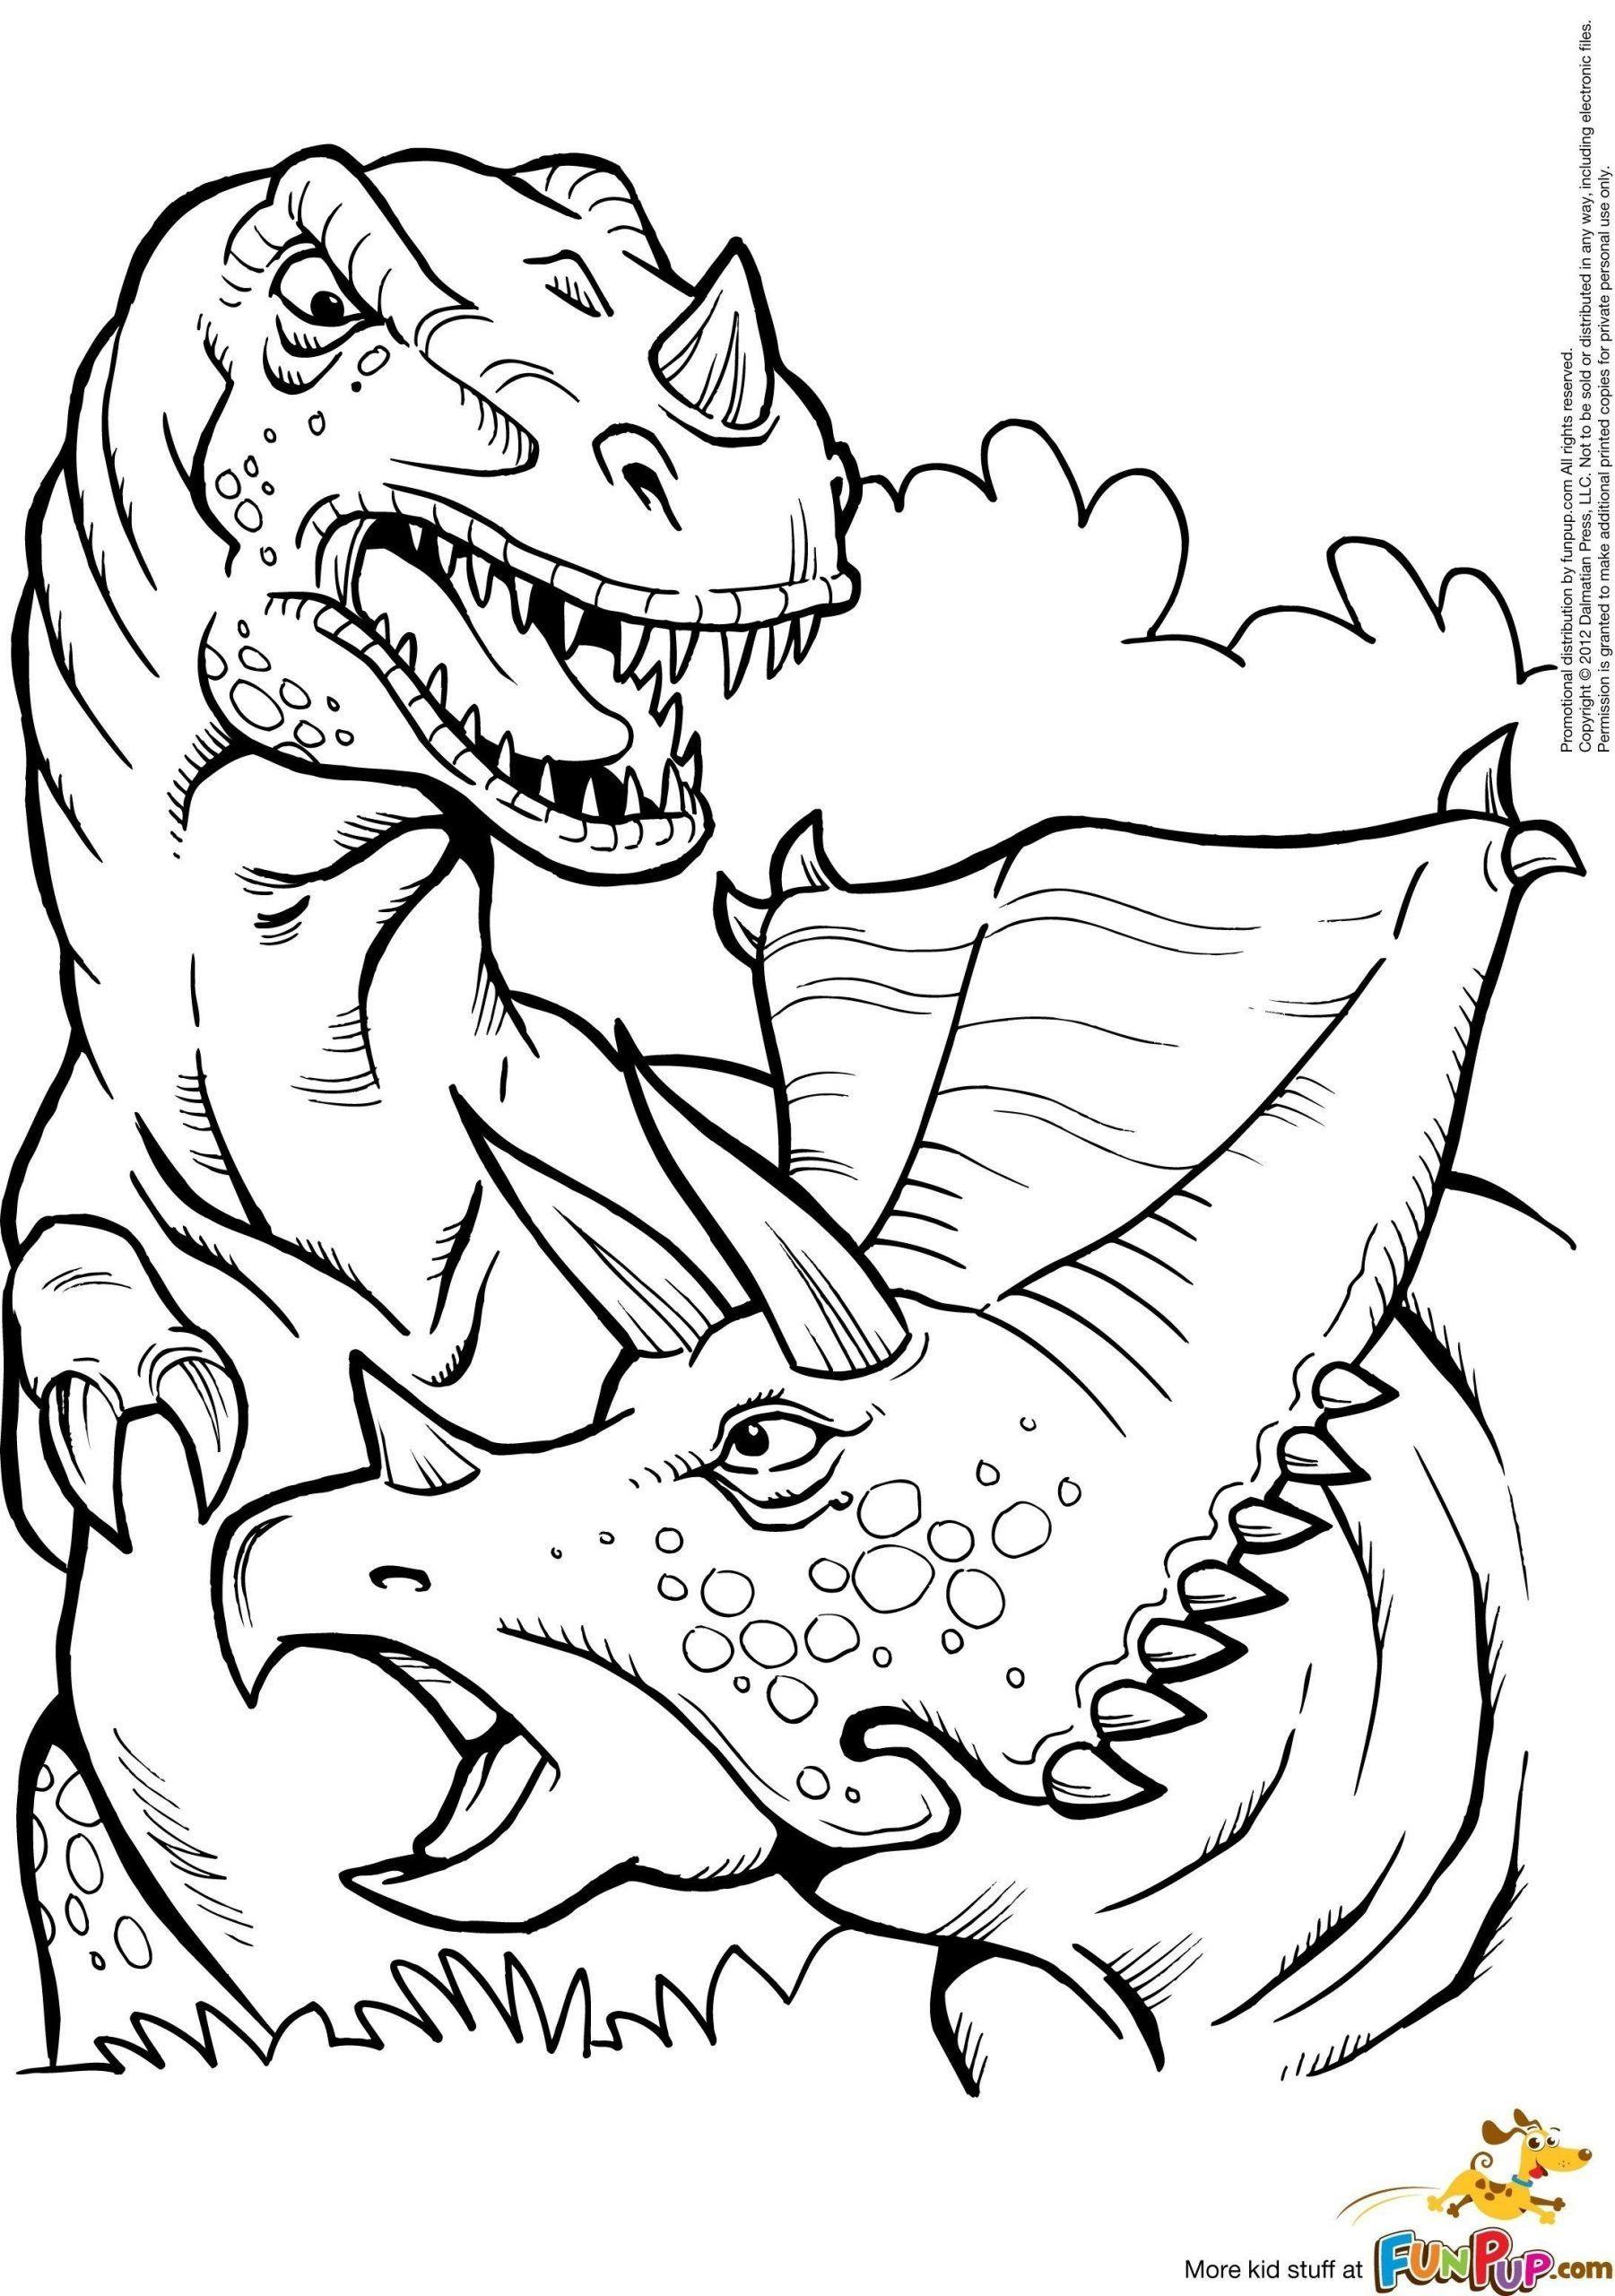 Malvorlagen T Rex Dinosaurier zum ausmalen Dinosaurier